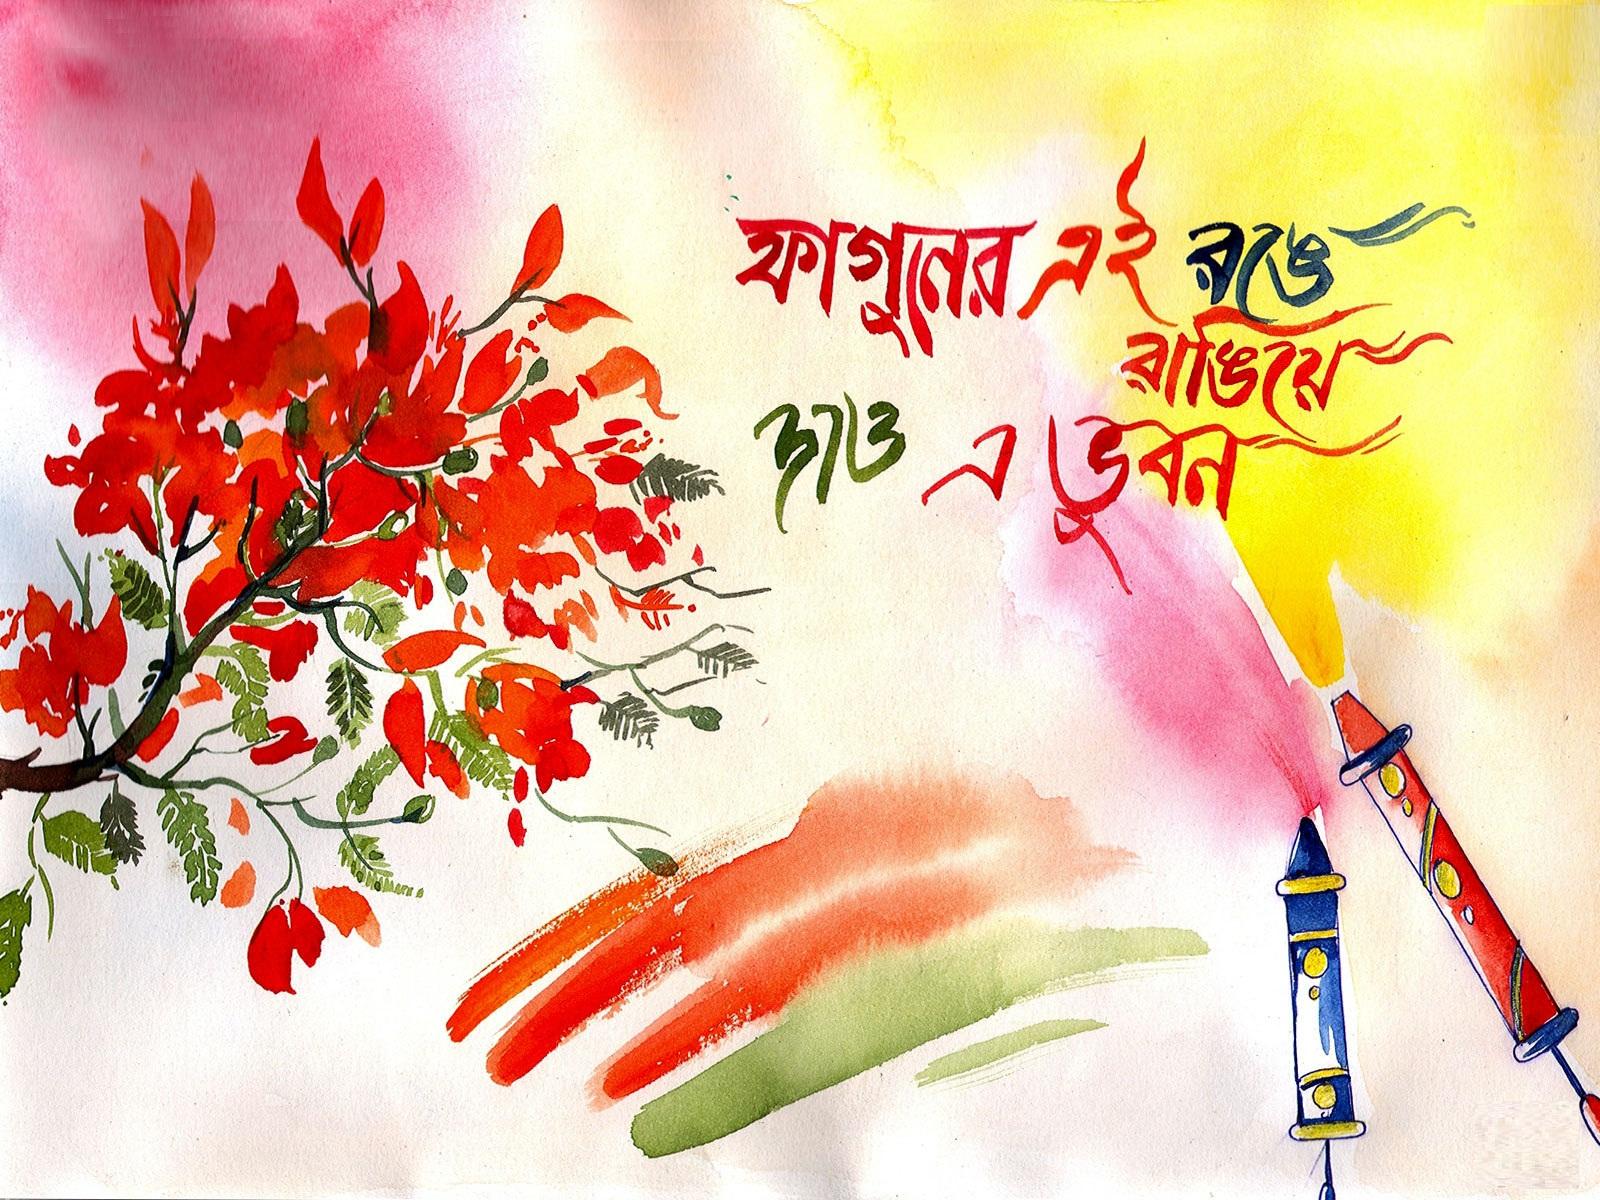 Khushi For Life Happy Holi Wishes Cards In Marathi Telugu Holi 2013